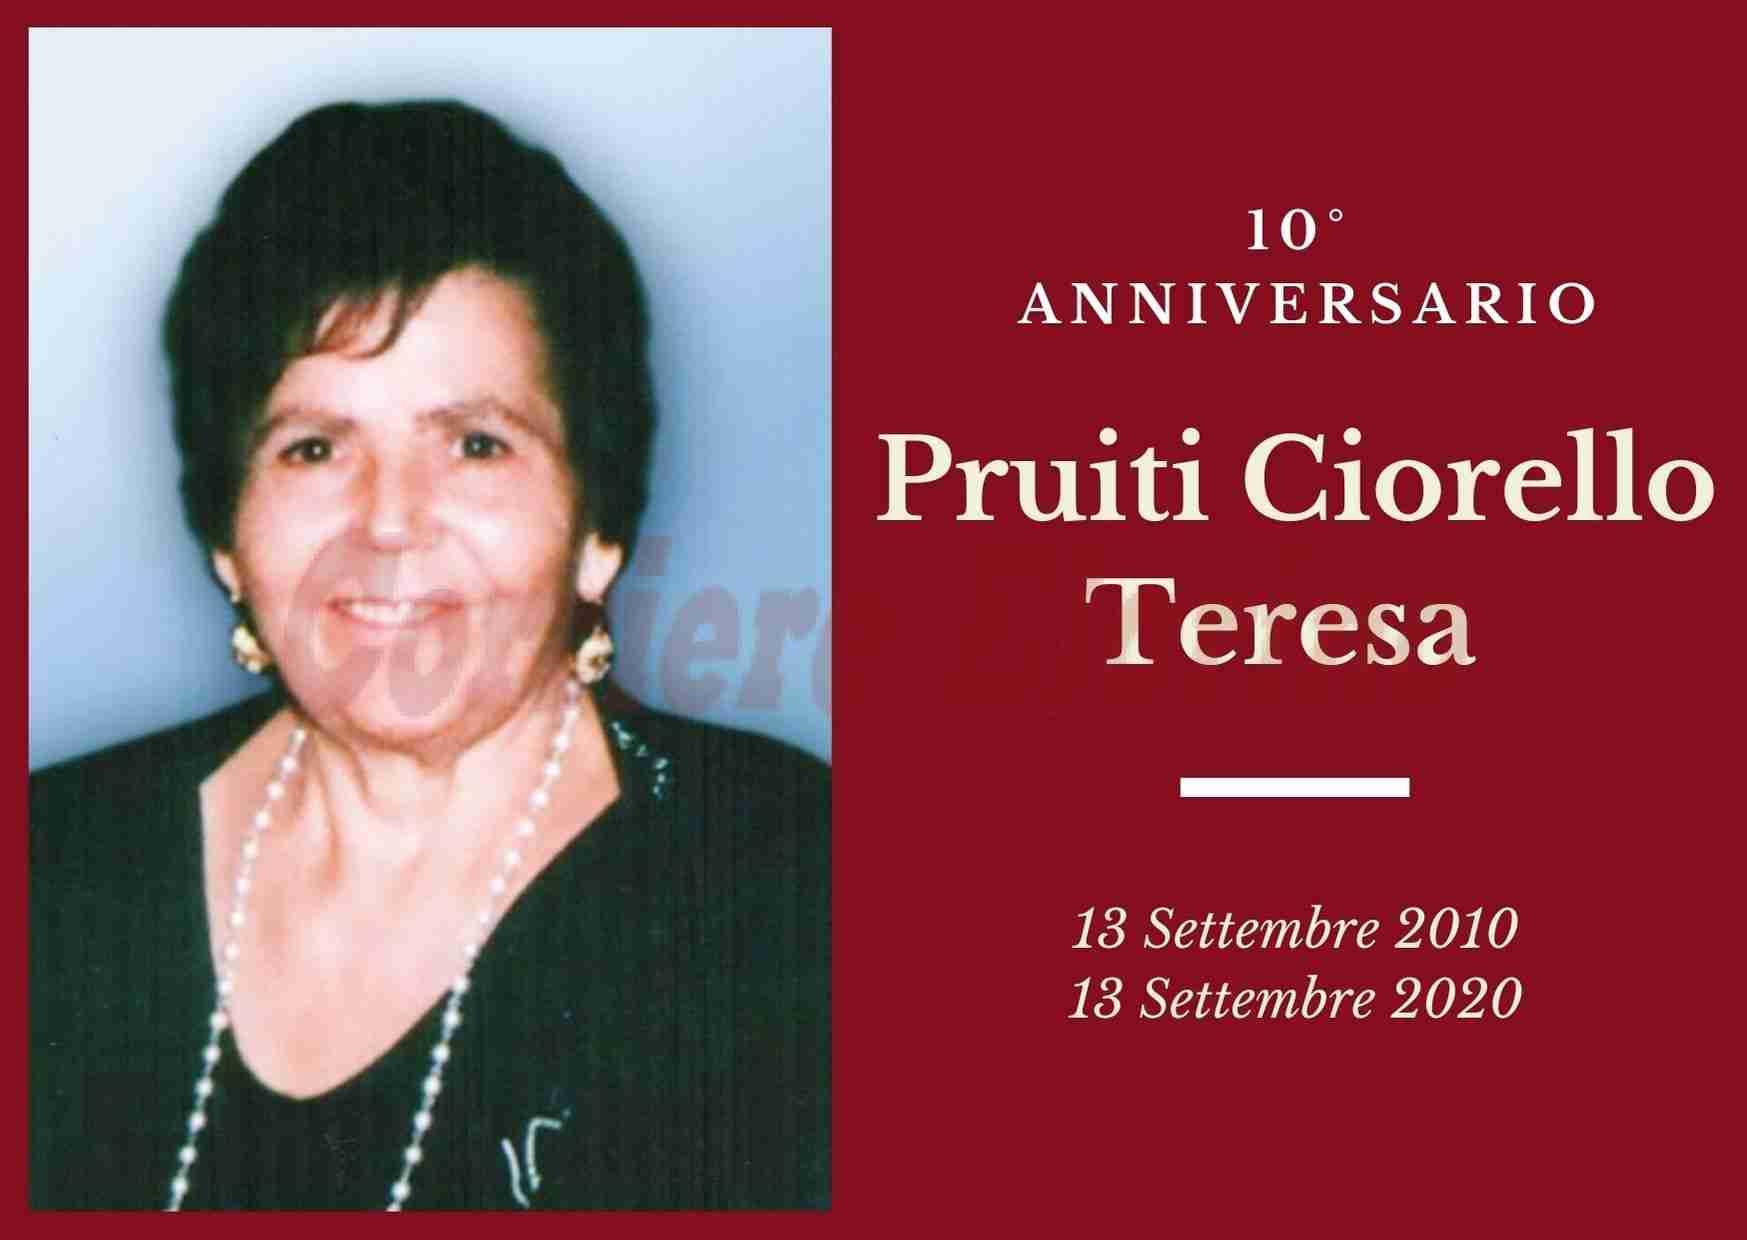 Necrologio: ricorre oggi il 10° Anniversario di Teresa Pruiti Ciorello